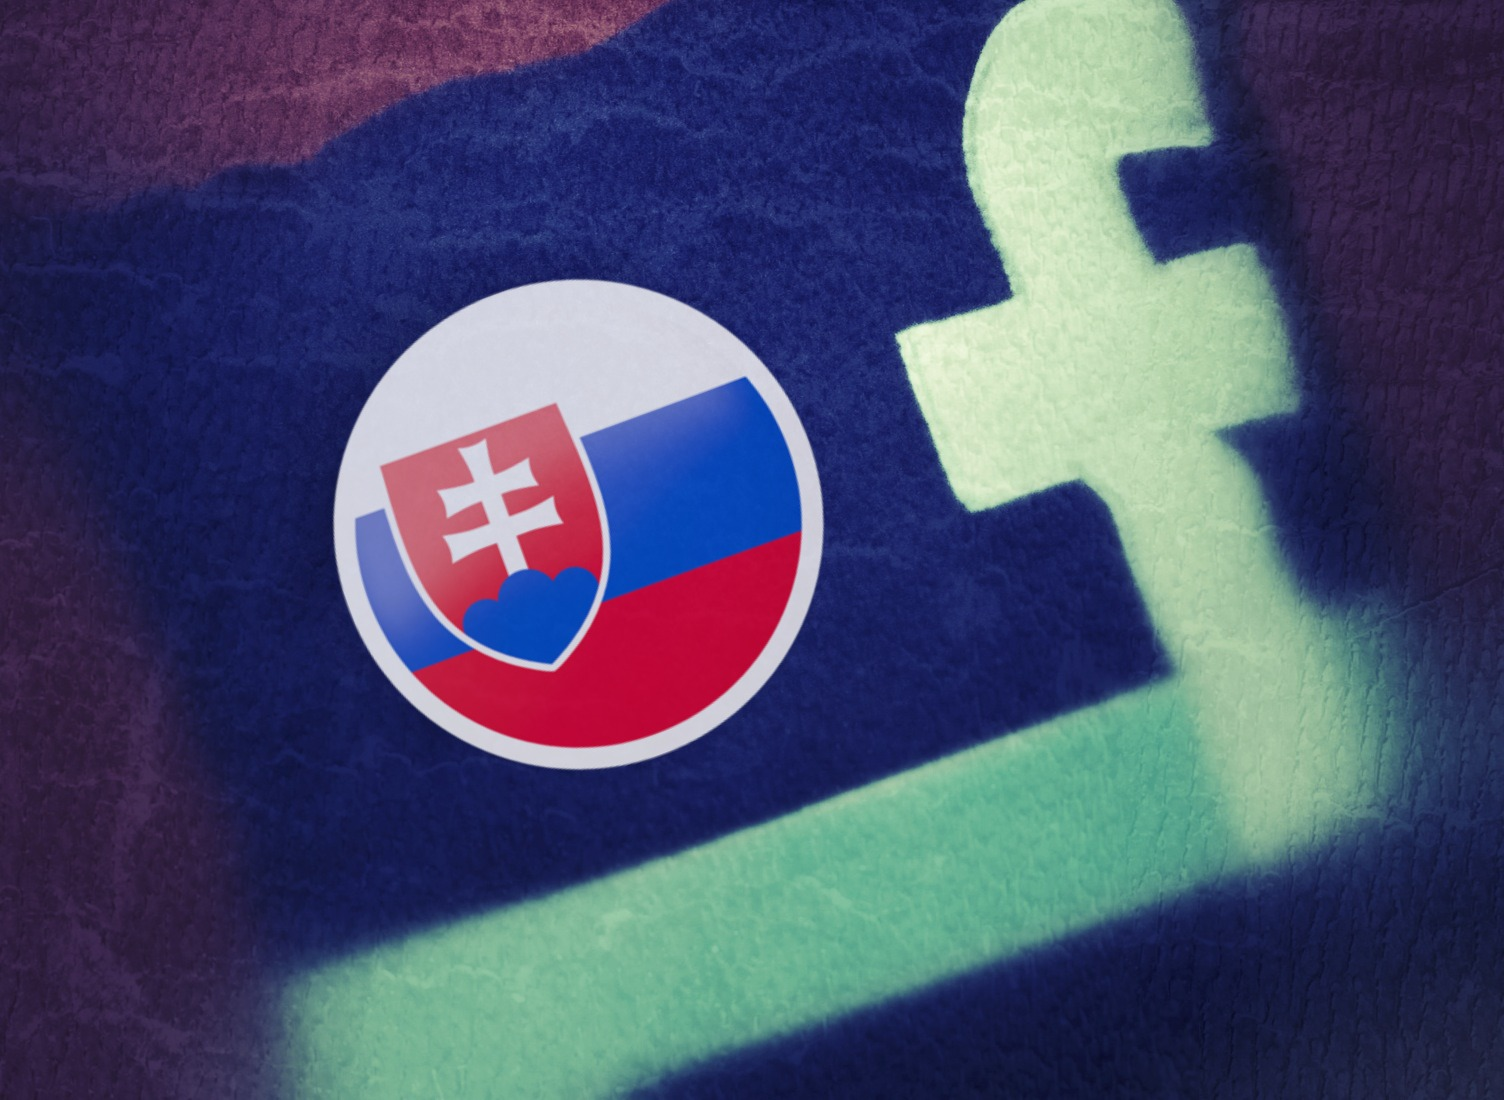 Slovensko dostáva od Facebooku údaje o používateľoch. Zverejnili presné čísla